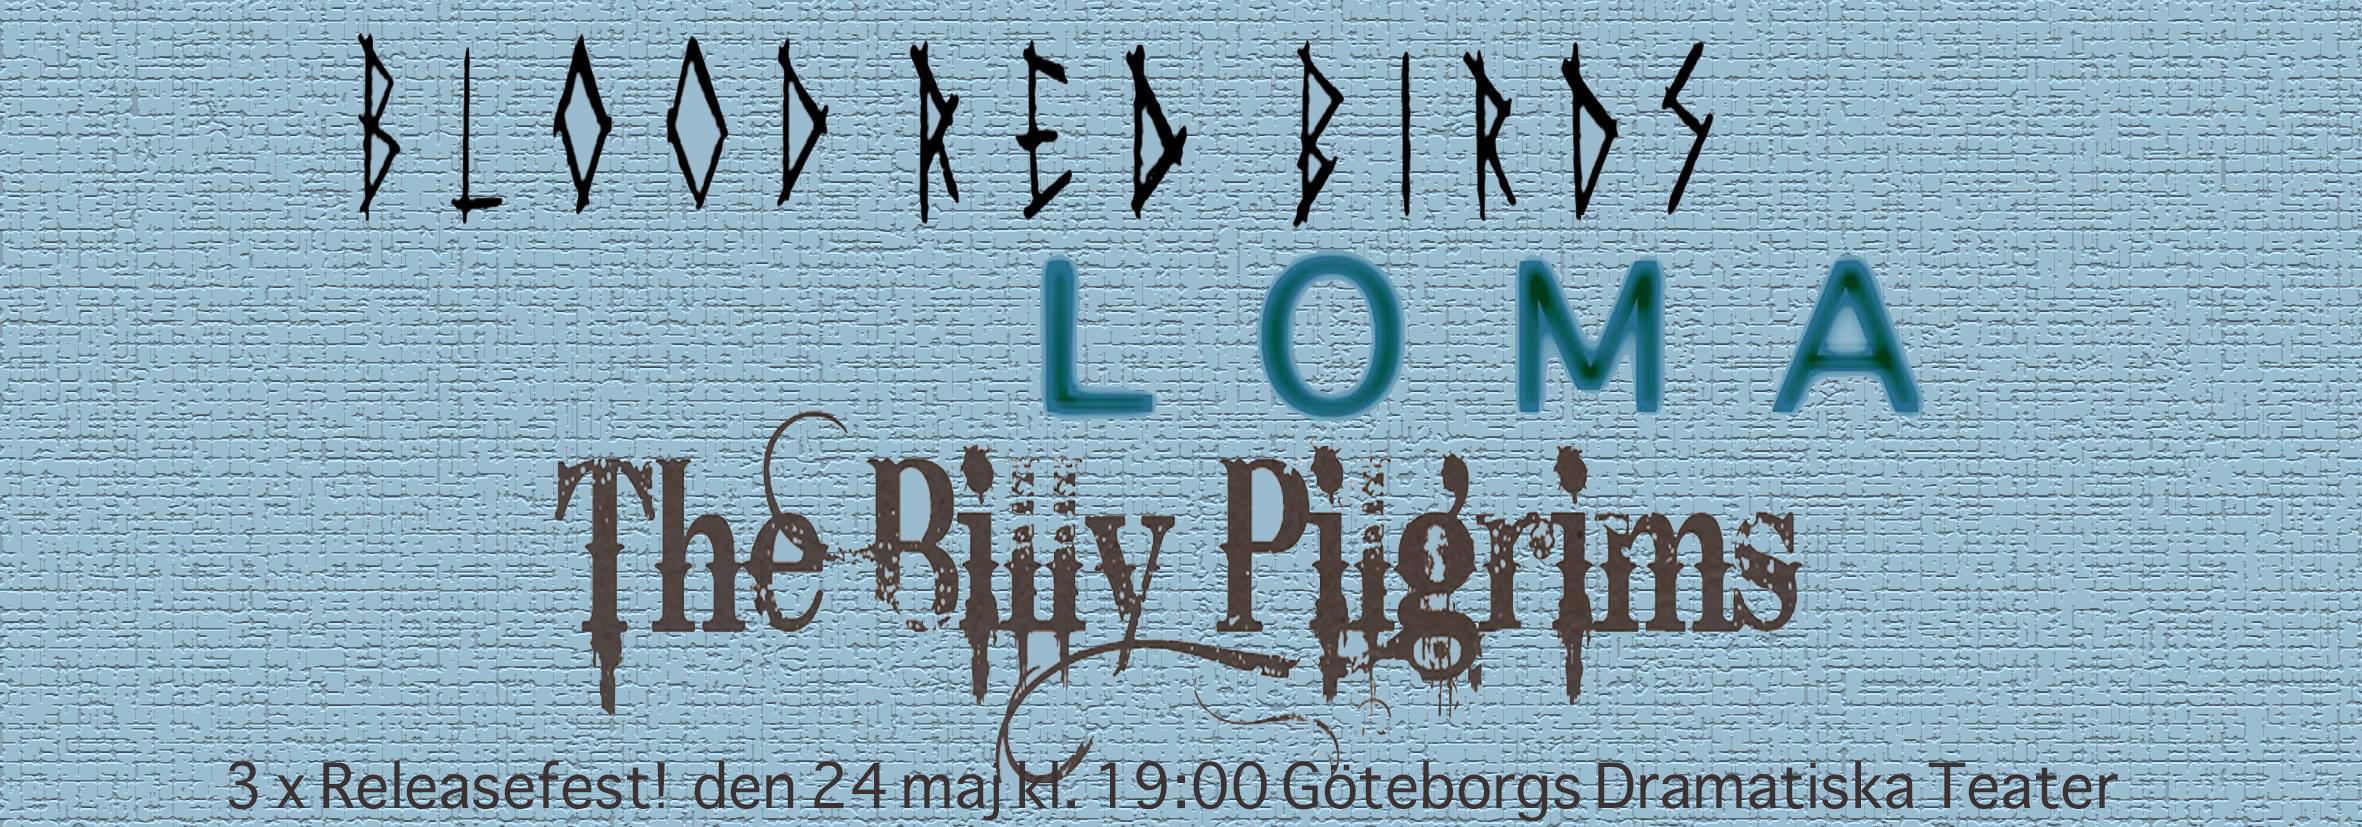 Billy pilgrims.jpg